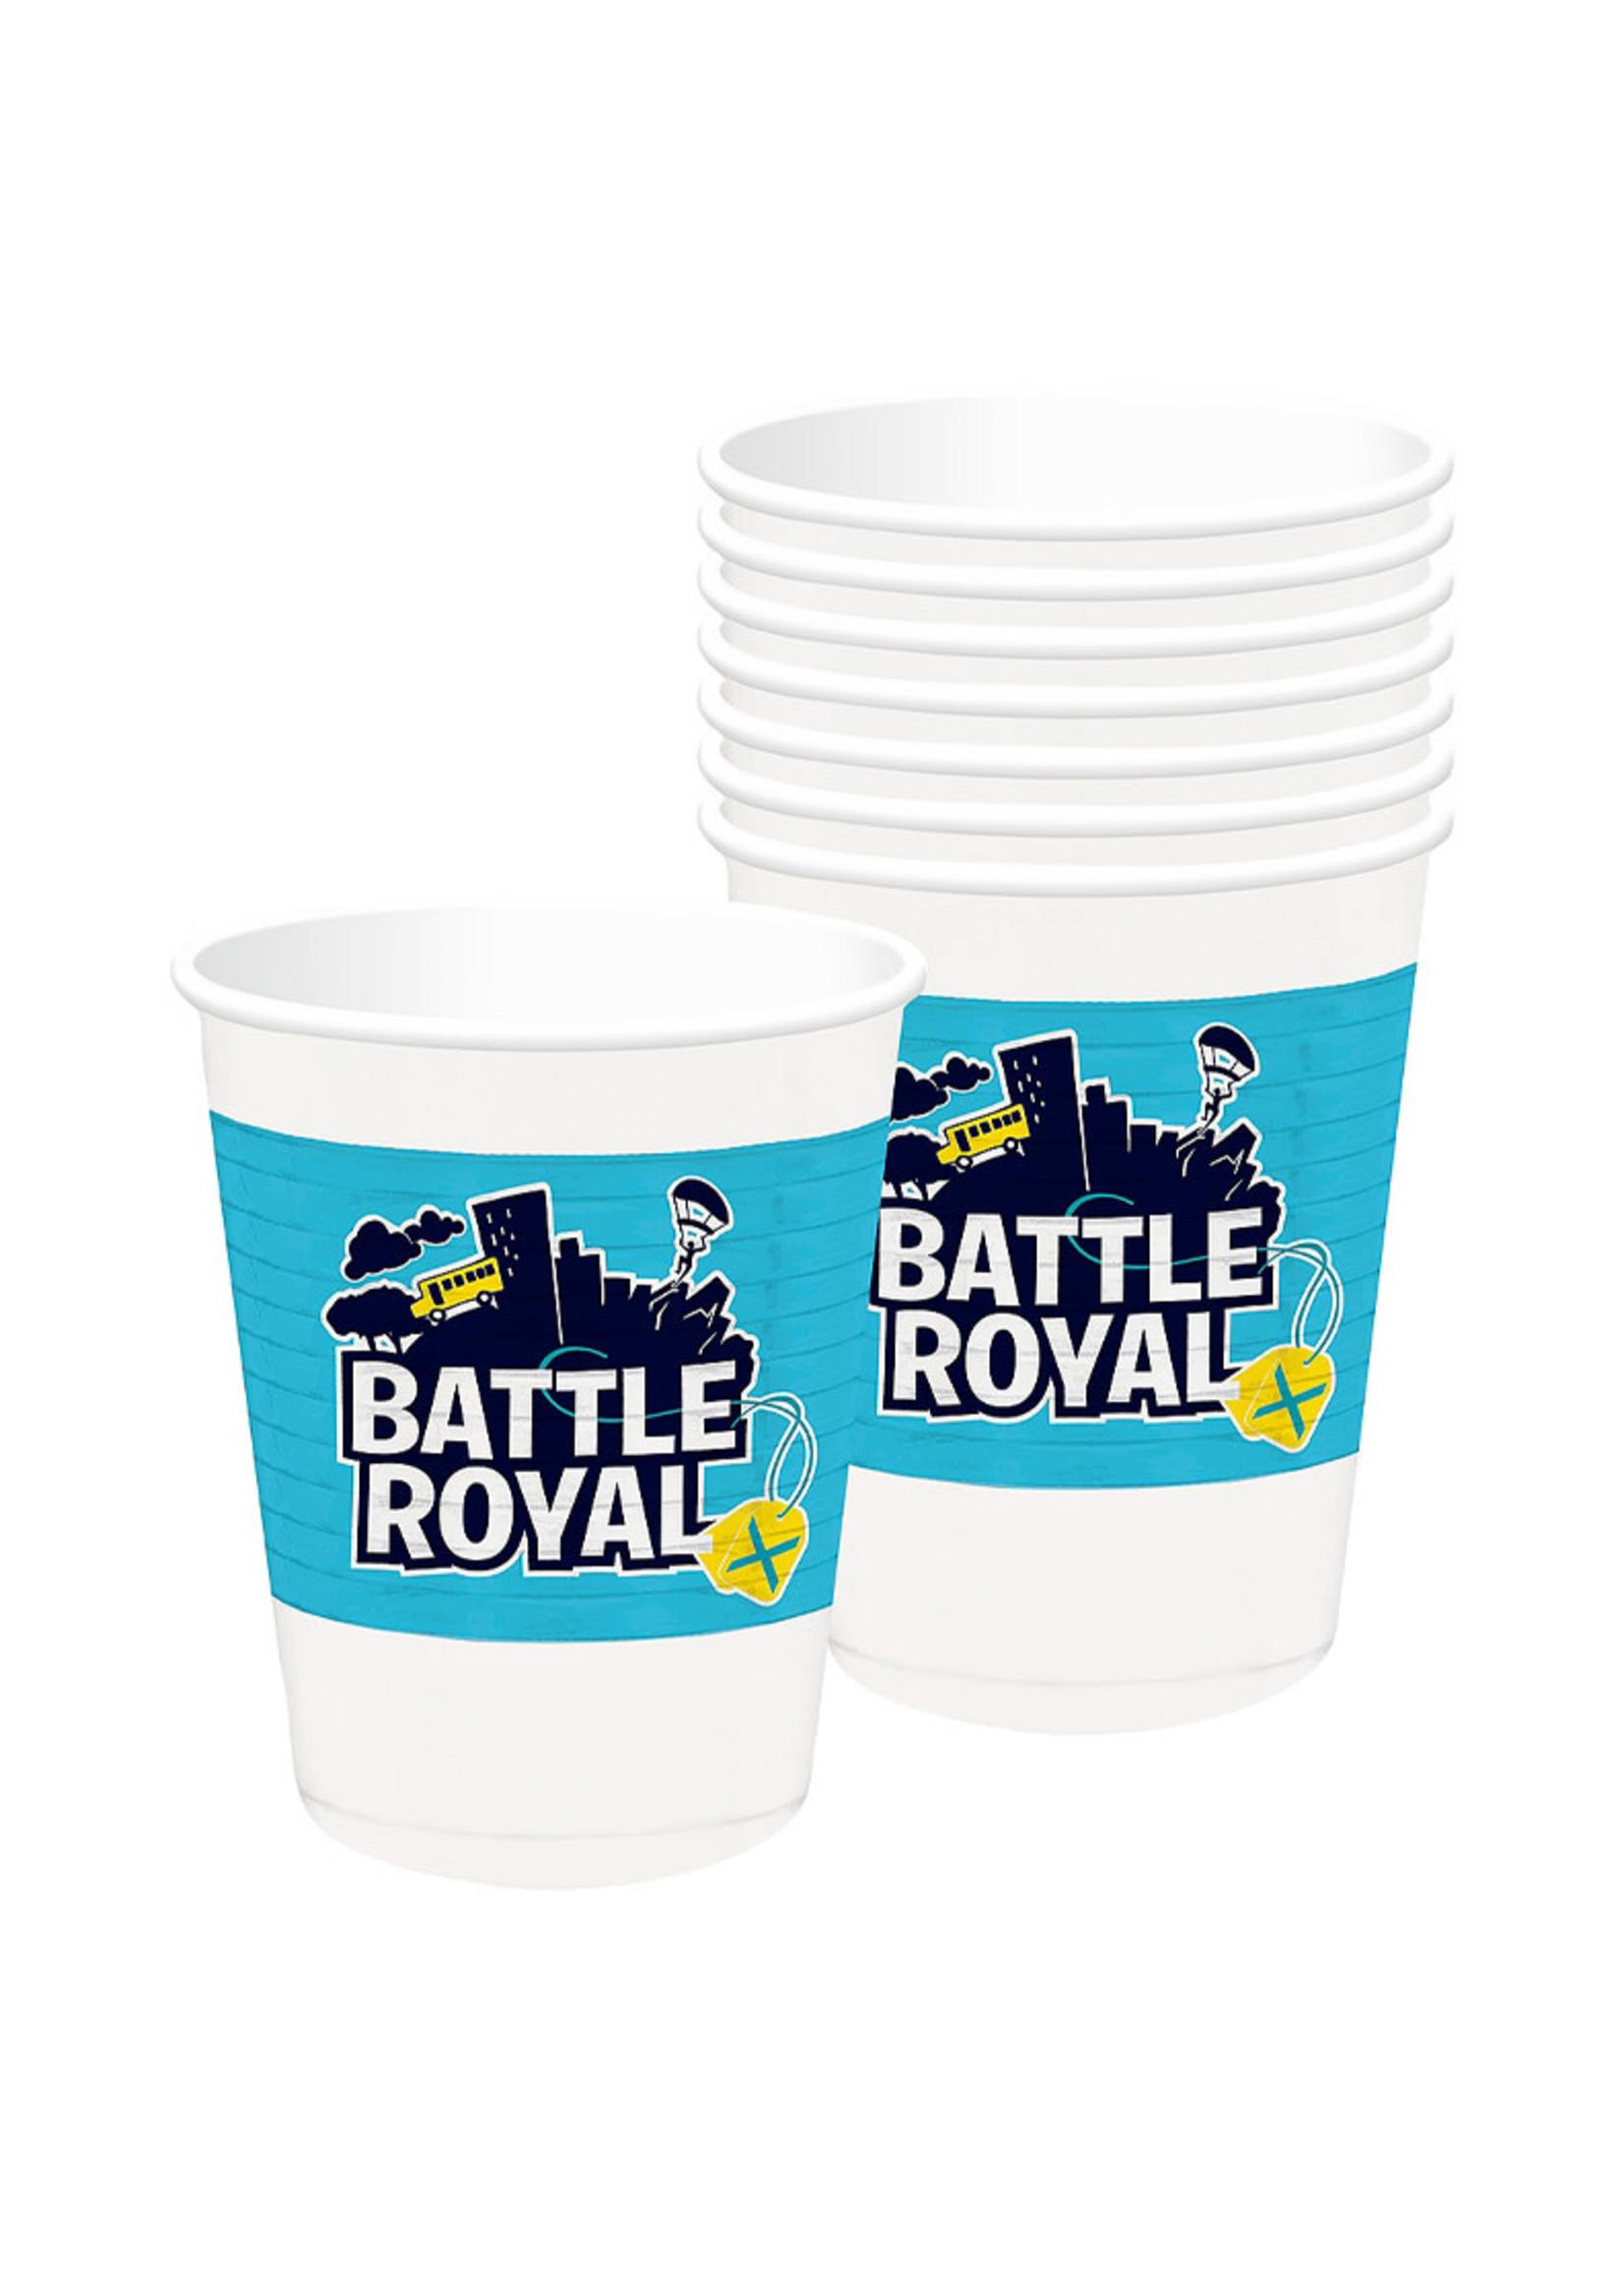 Battle Royal Plastic Cups 8ct